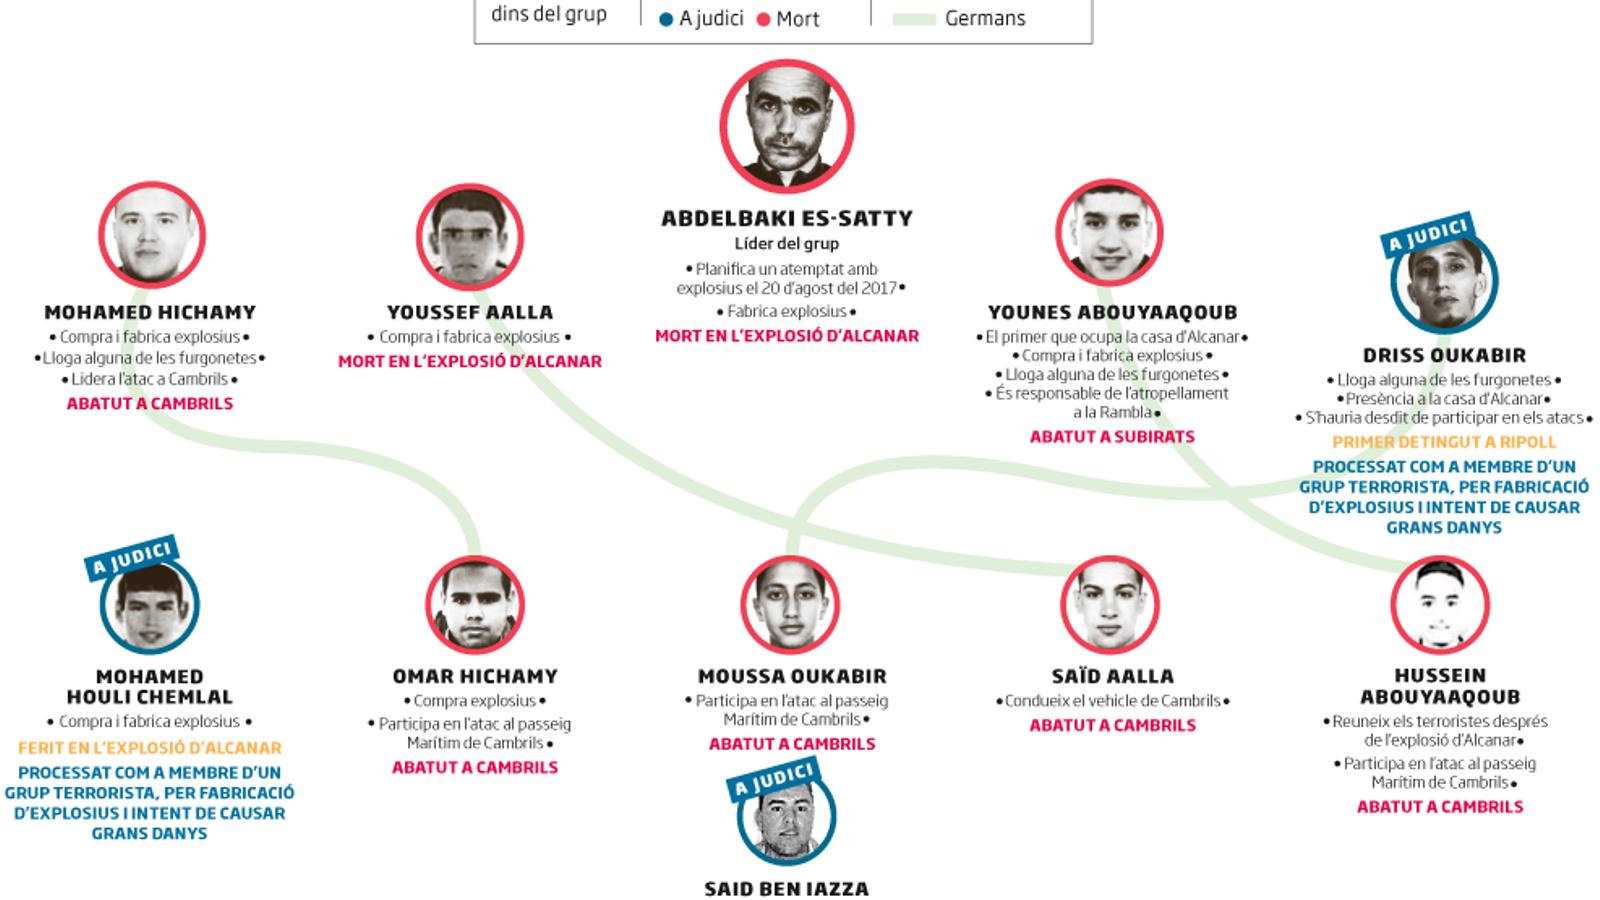 Els acusats pels atemptats de Barcelona i Cambrils, a judici per terrorisme però no per assassinat